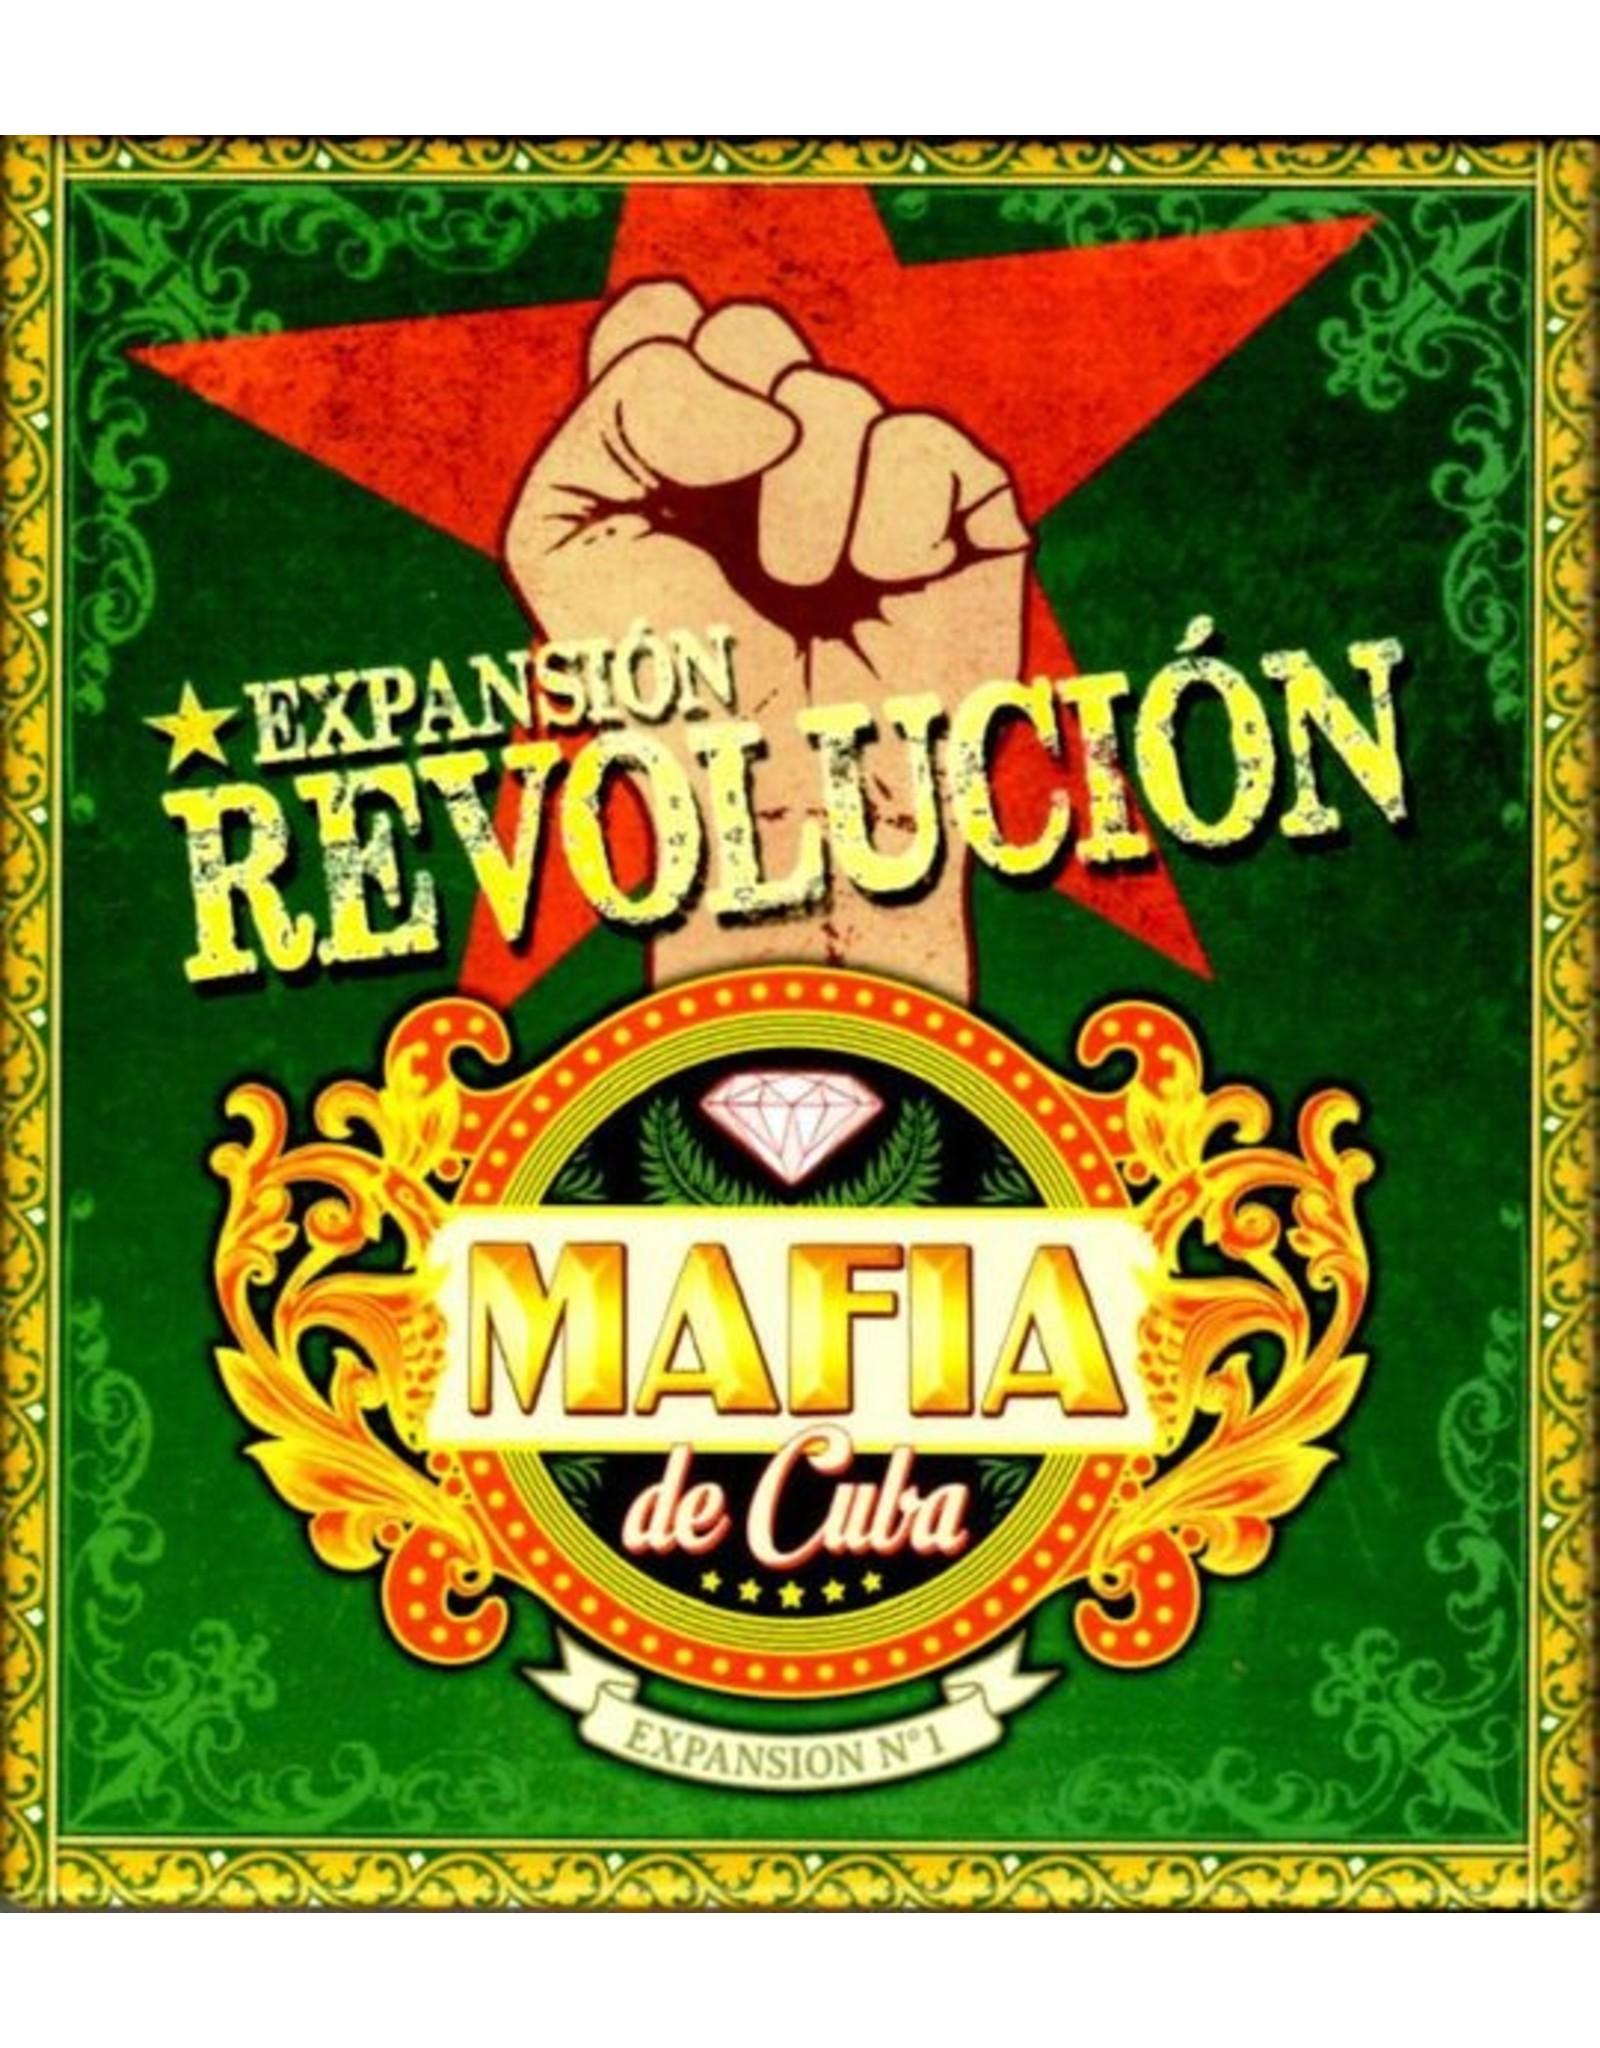 Lui-Meme Mafia de Cuba: Revolucion Expansion